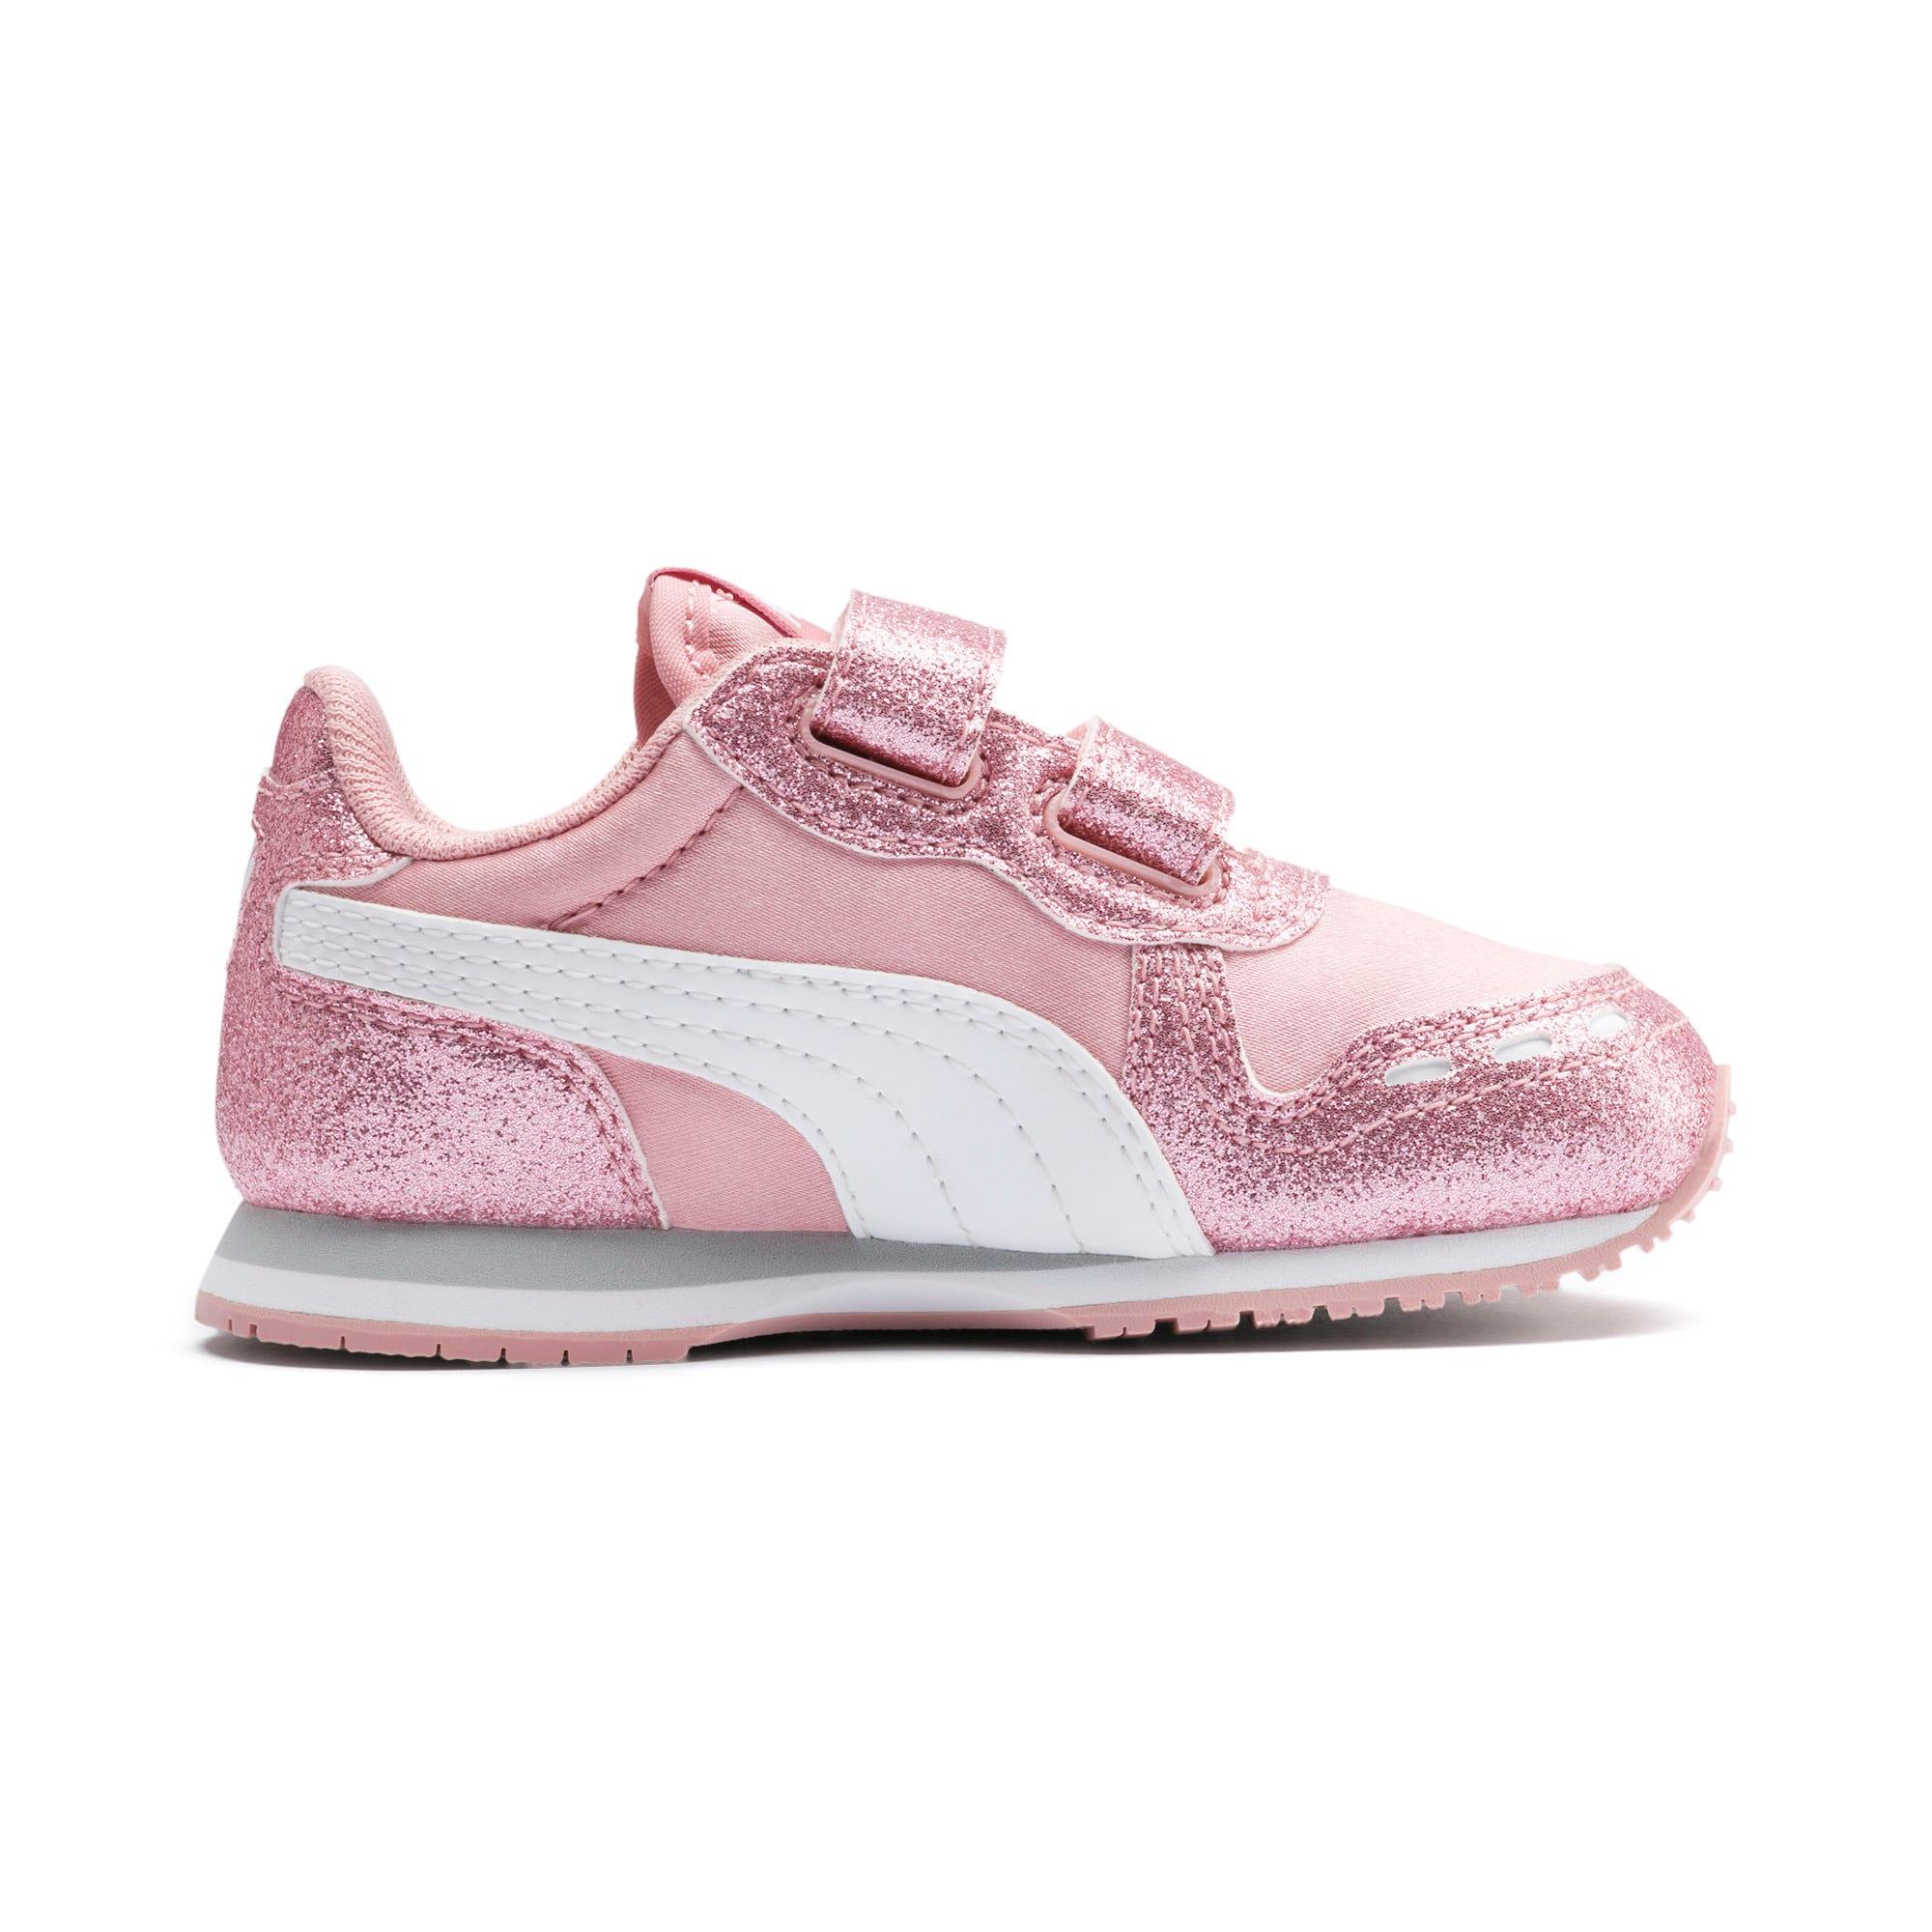 Miniatura 5 de Zapatos Cabana Racer Glitz AC INF, Bridal Rose-Puma White, mediano